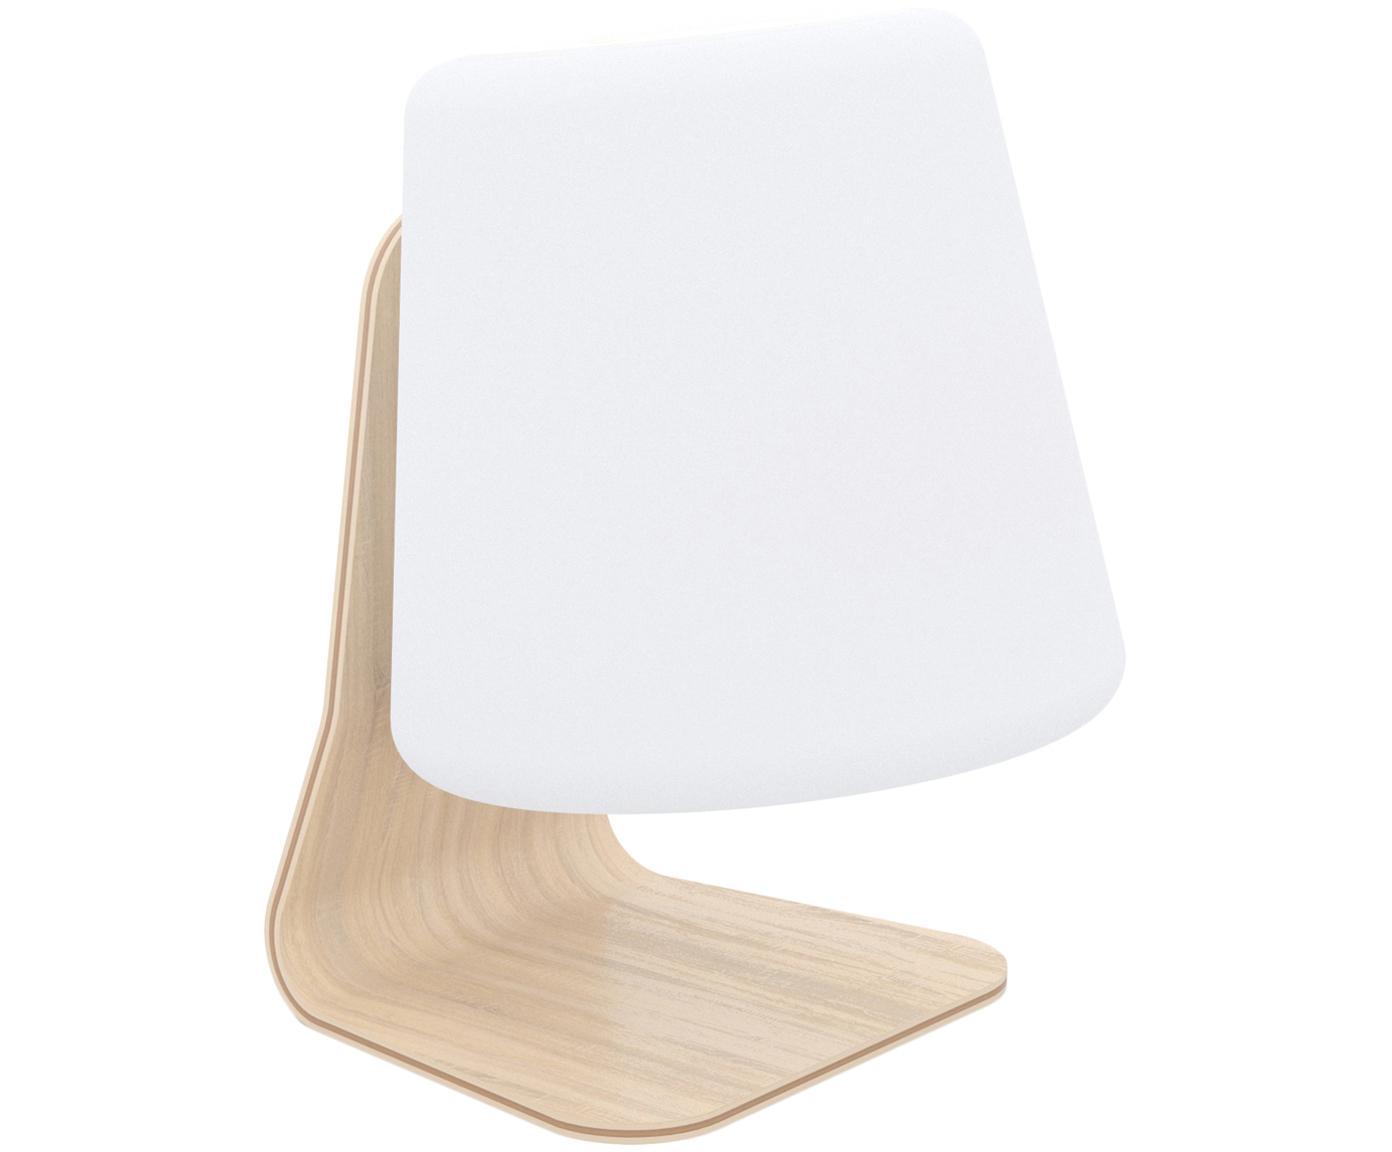 Mobile LED Außenleuchte mit Lautsprecher Table, Lampenschirm: Kunststoff, Lampenfuß: Ulmenholz mit Birkenfurni, Weiß, Hellbraun, 22 x 29 cm